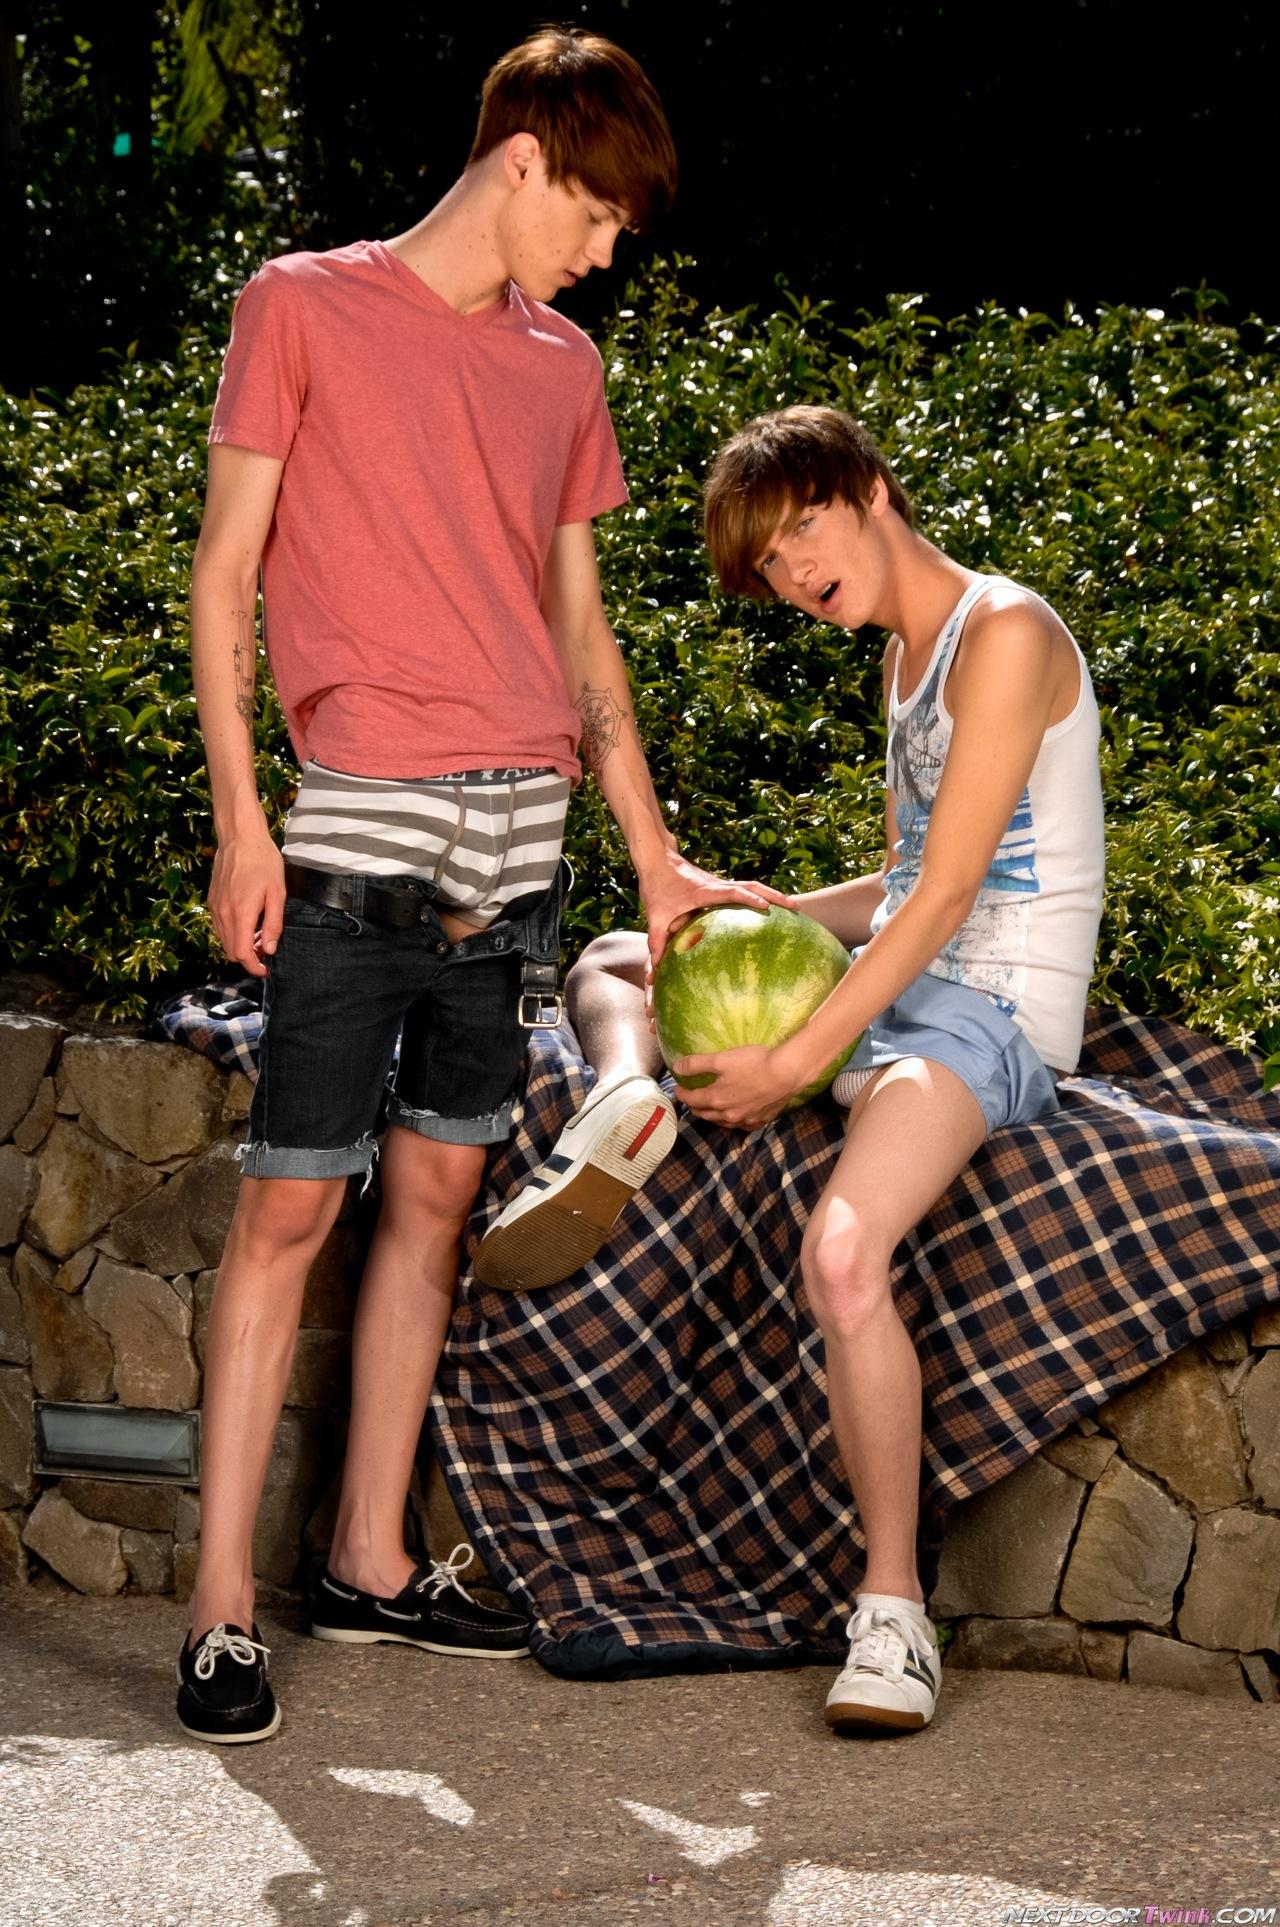 Gay Outdoor Party -